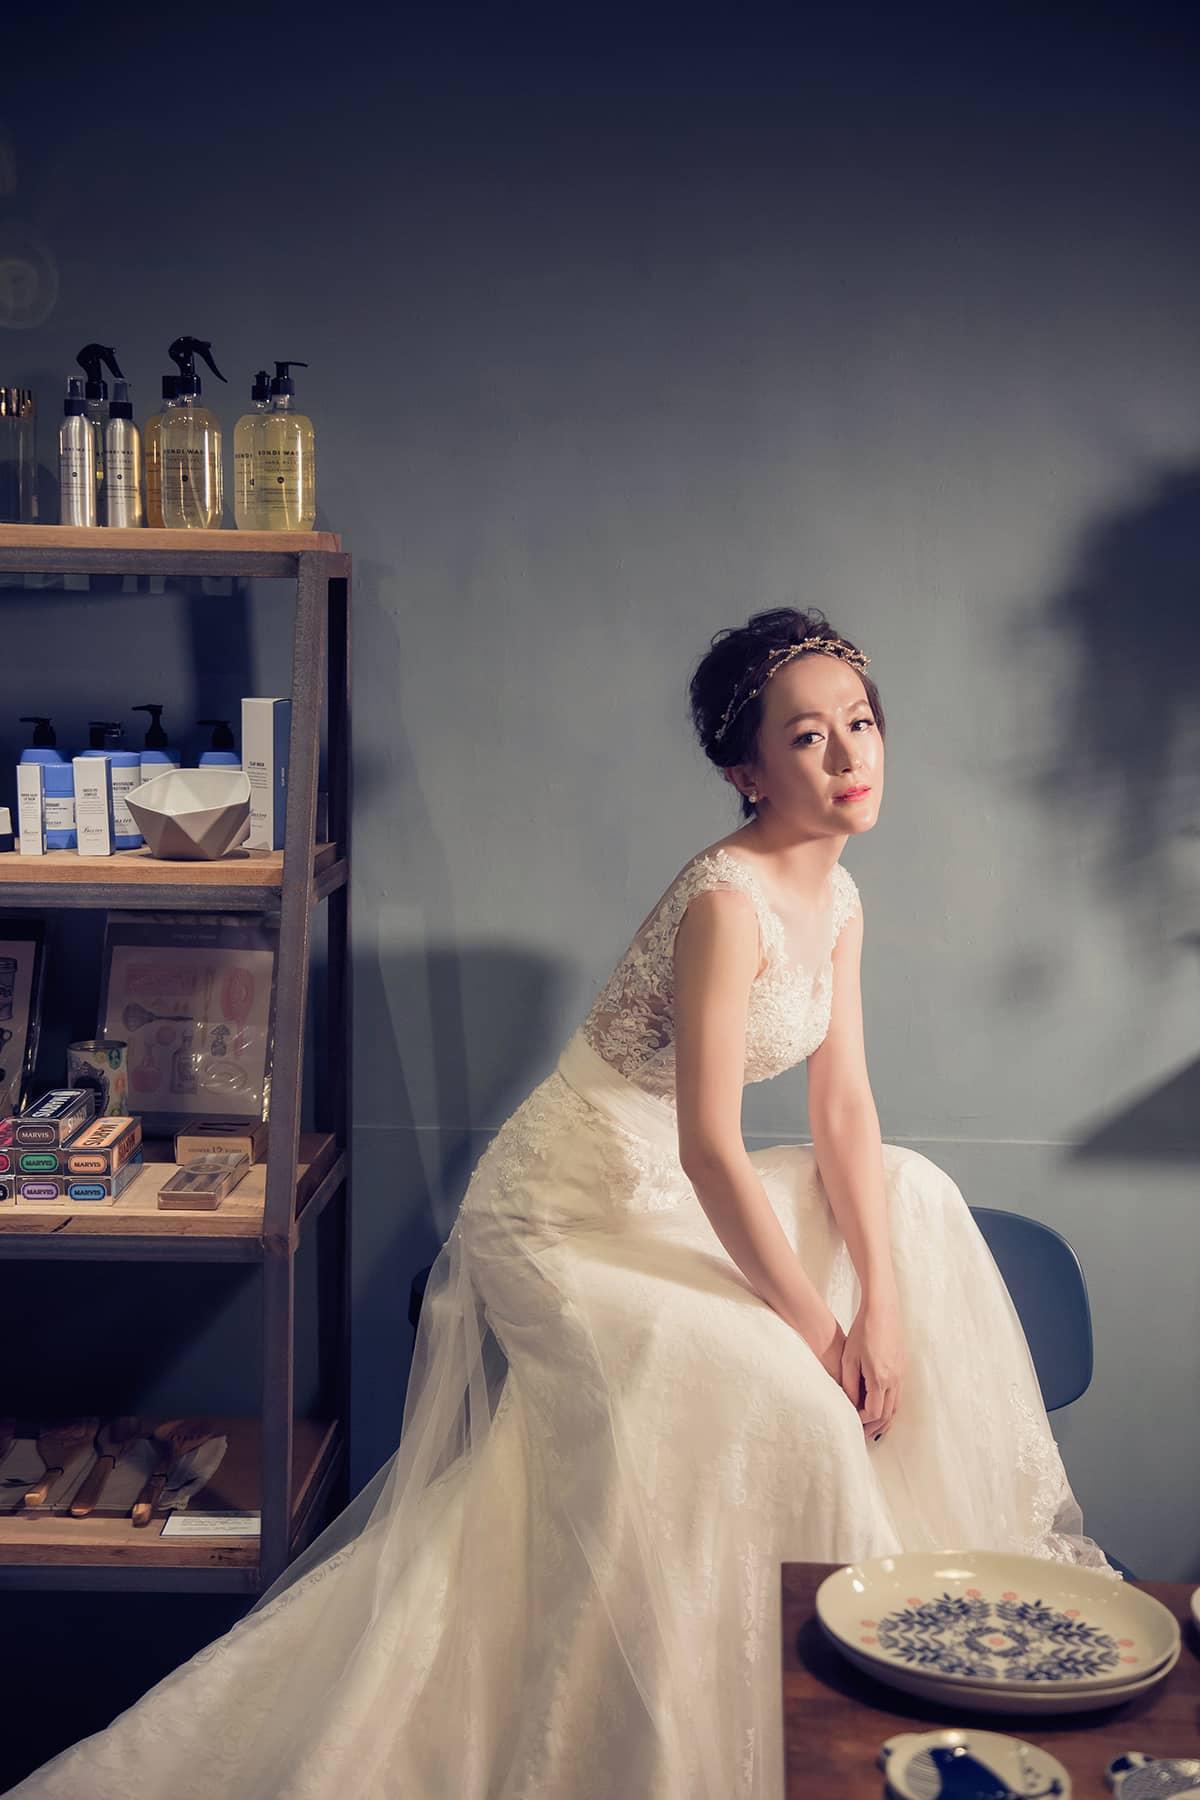 婚紗攝影,台北婚紗工作室,taiwan pre-wedding,overseas wedding,自助婚紗,婚紗工作室,婚禮攝影,復古婚紗,森林婚紗,my party婚紗禮服,韓系婚紗